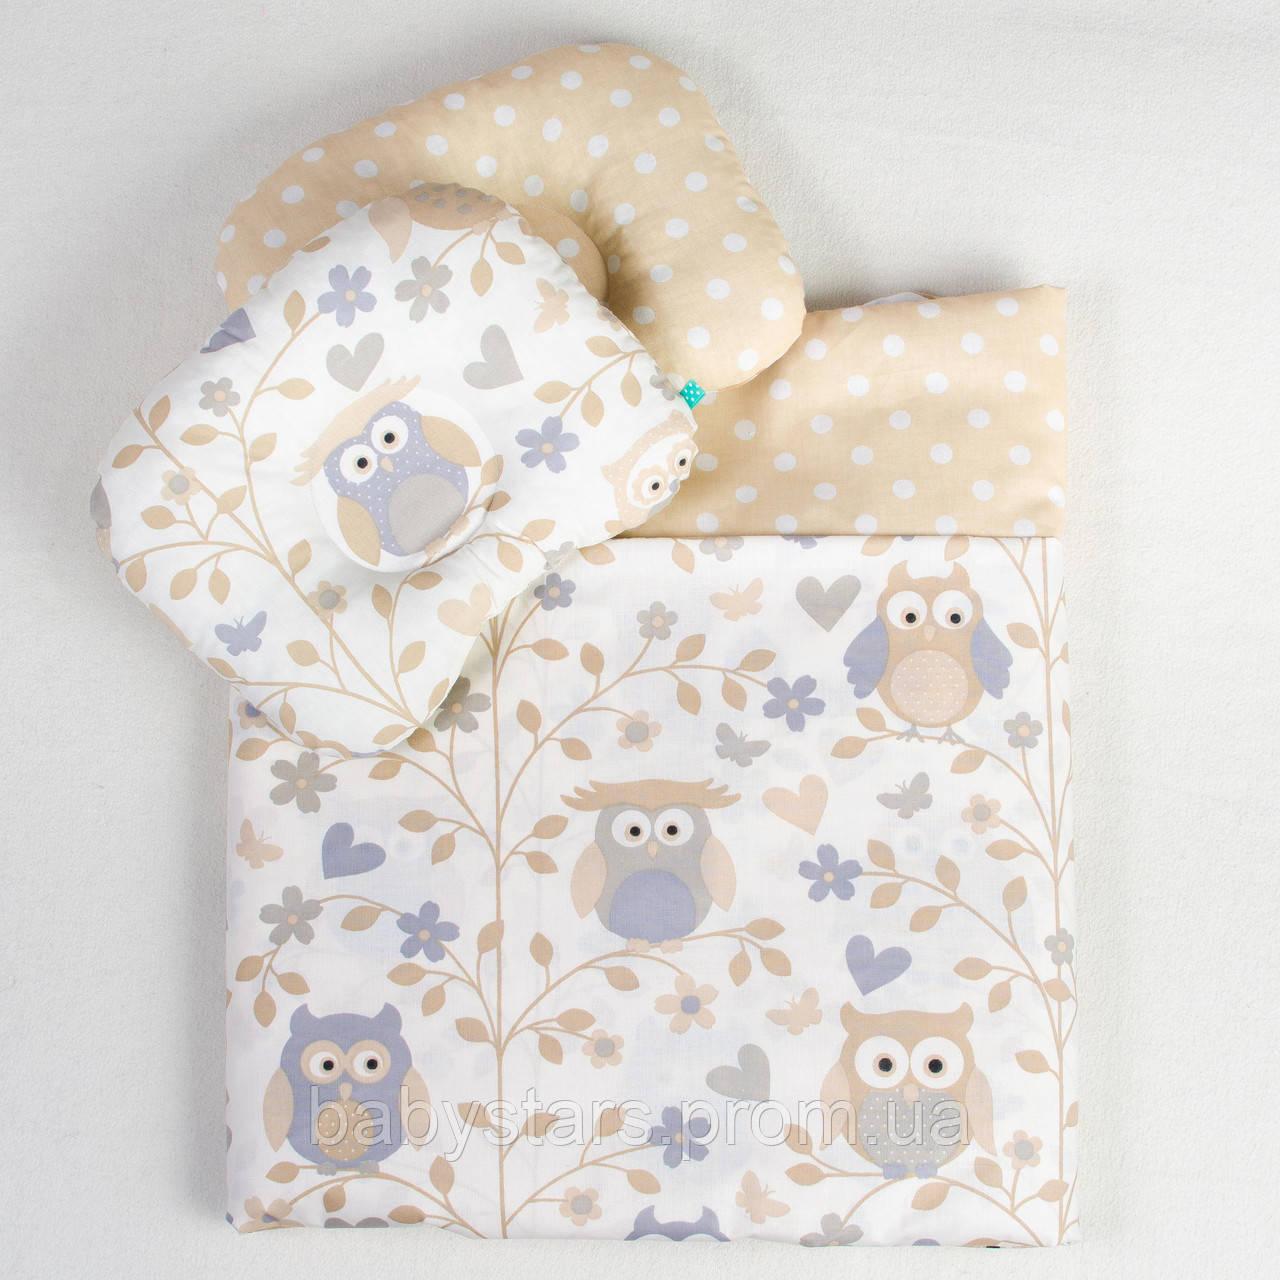 """Постельное детское белье в кроватку новорожденному, три предмета, """"Совуньи"""" цвет бежевый"""